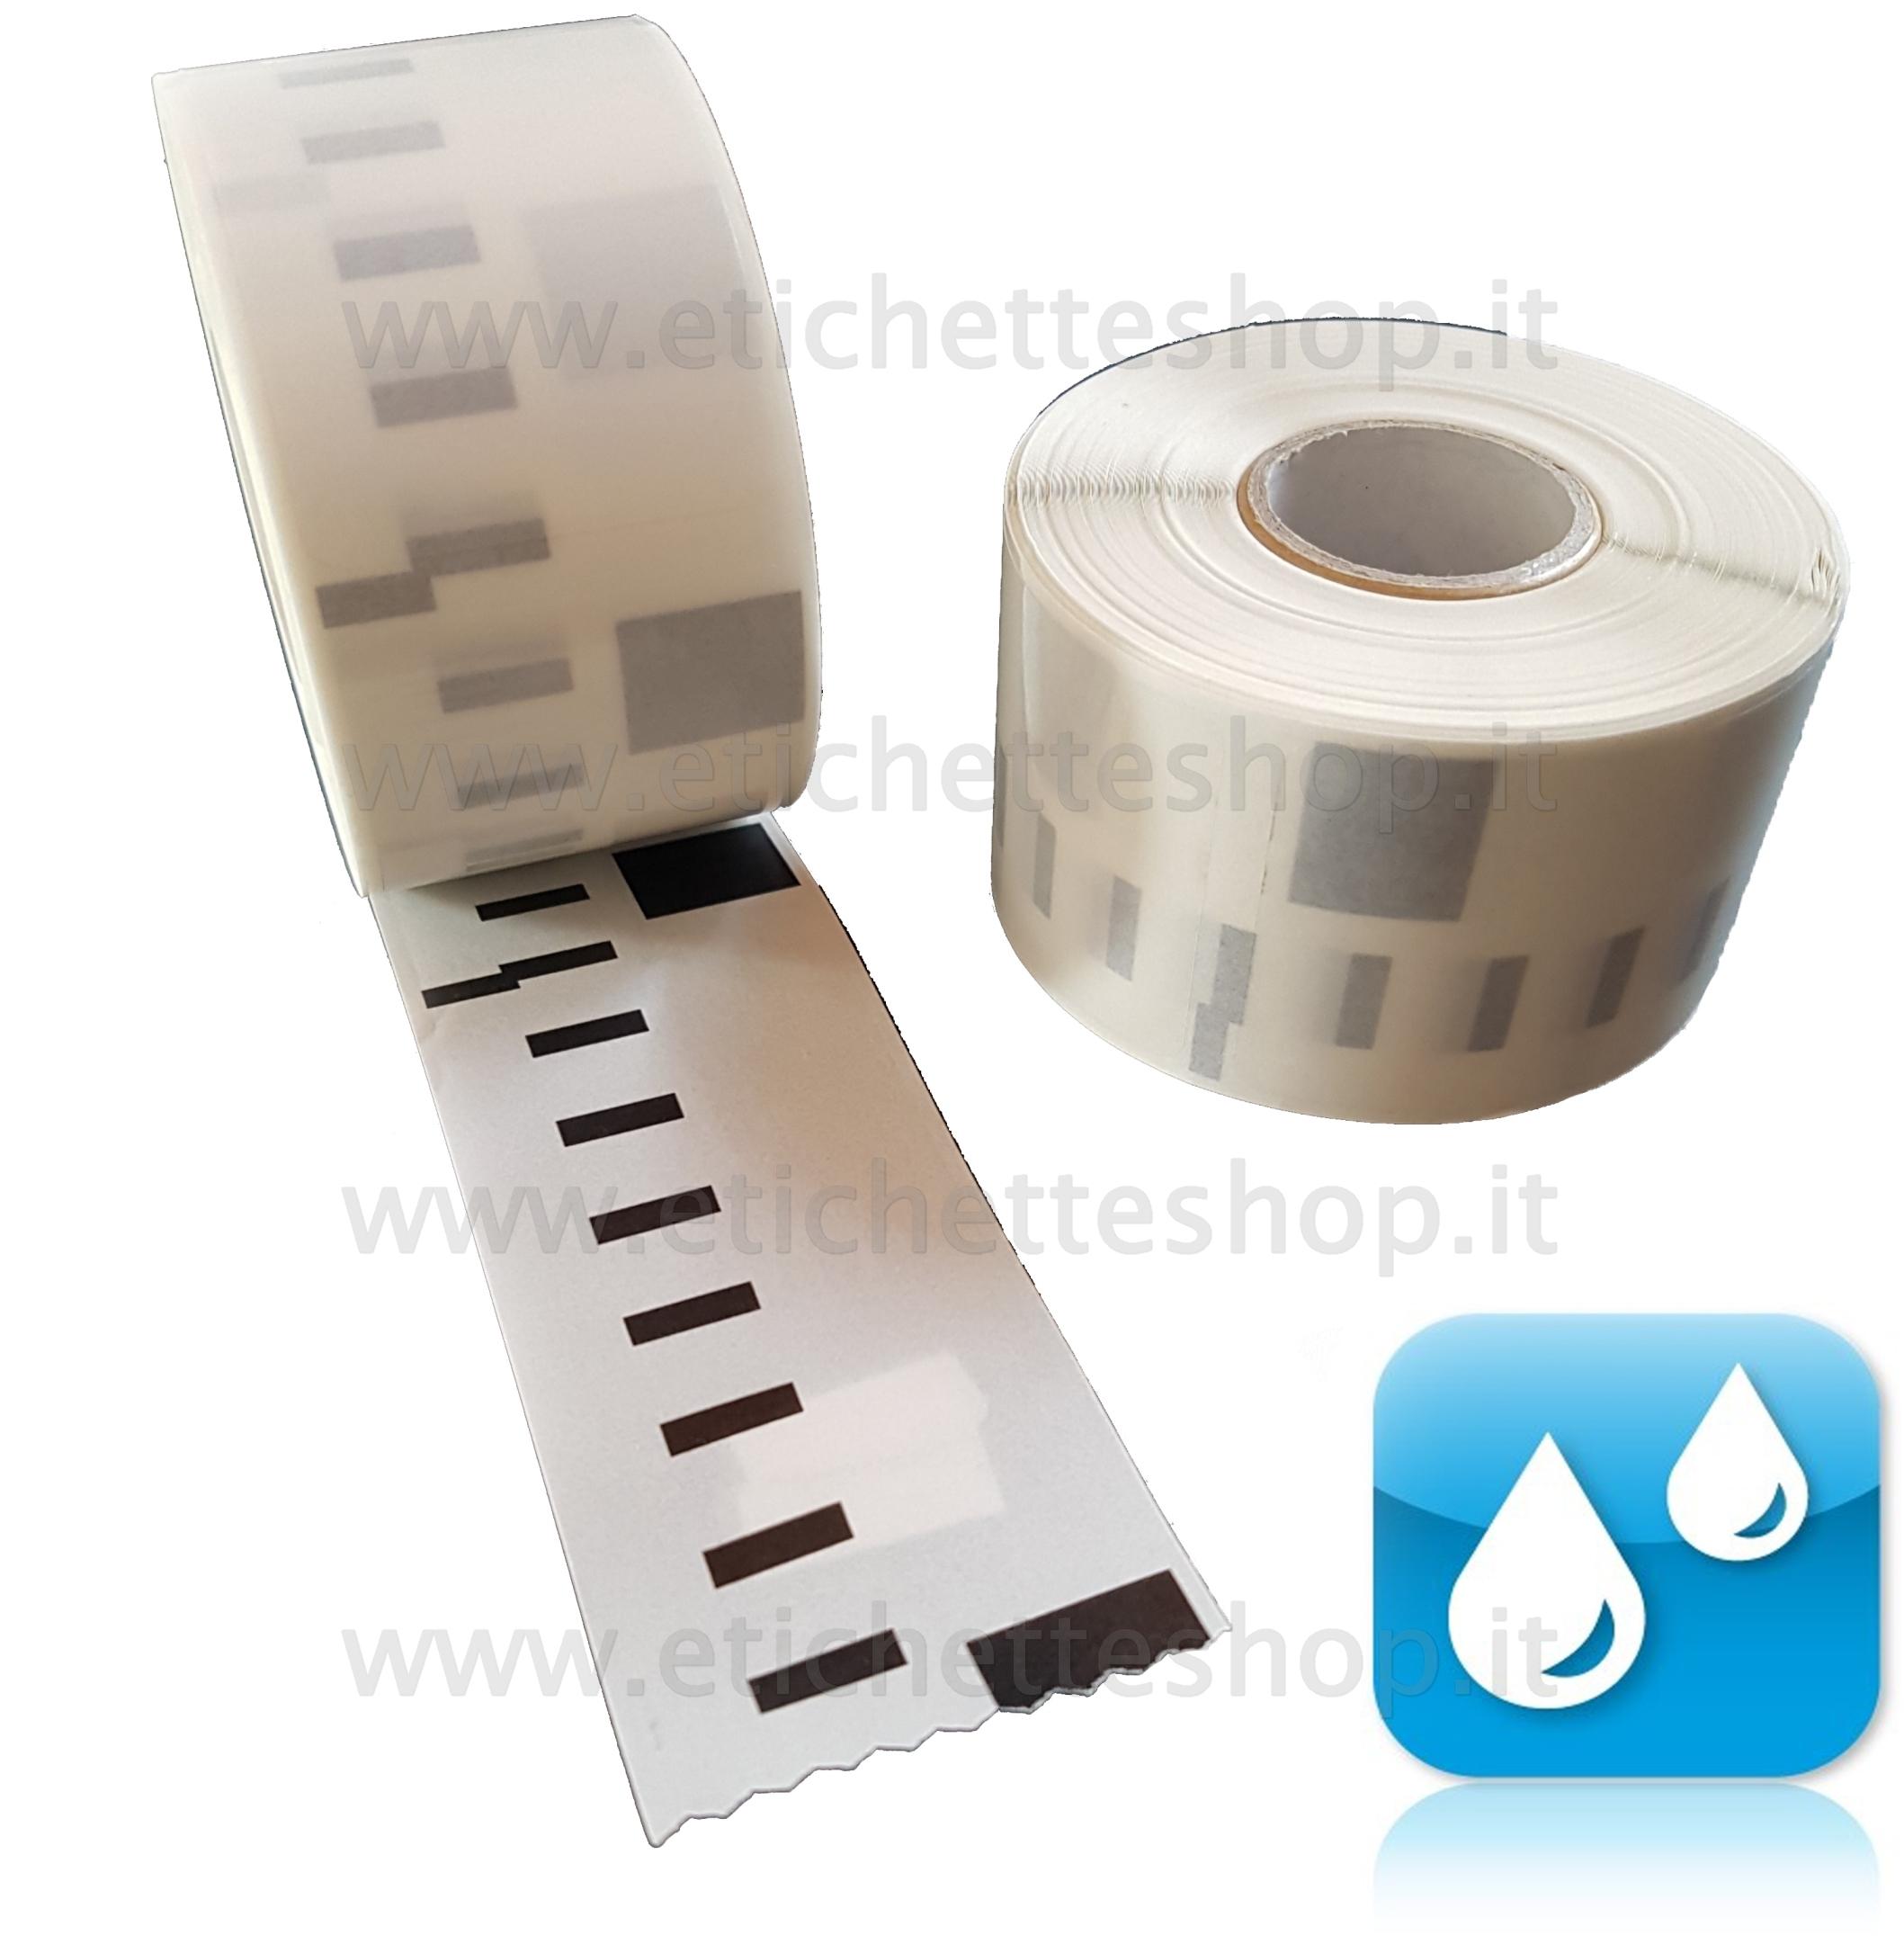 Printing Saver 10x 11356 89 x 41 mm Compatibili Rotoli Etichette adesive per Dymo LabelWriter 310 320 330 4XL 400 450 Turbo//Twin Turbo//Duo /& Seiko SLP etichettatrici 300 Etichette//Rotolo